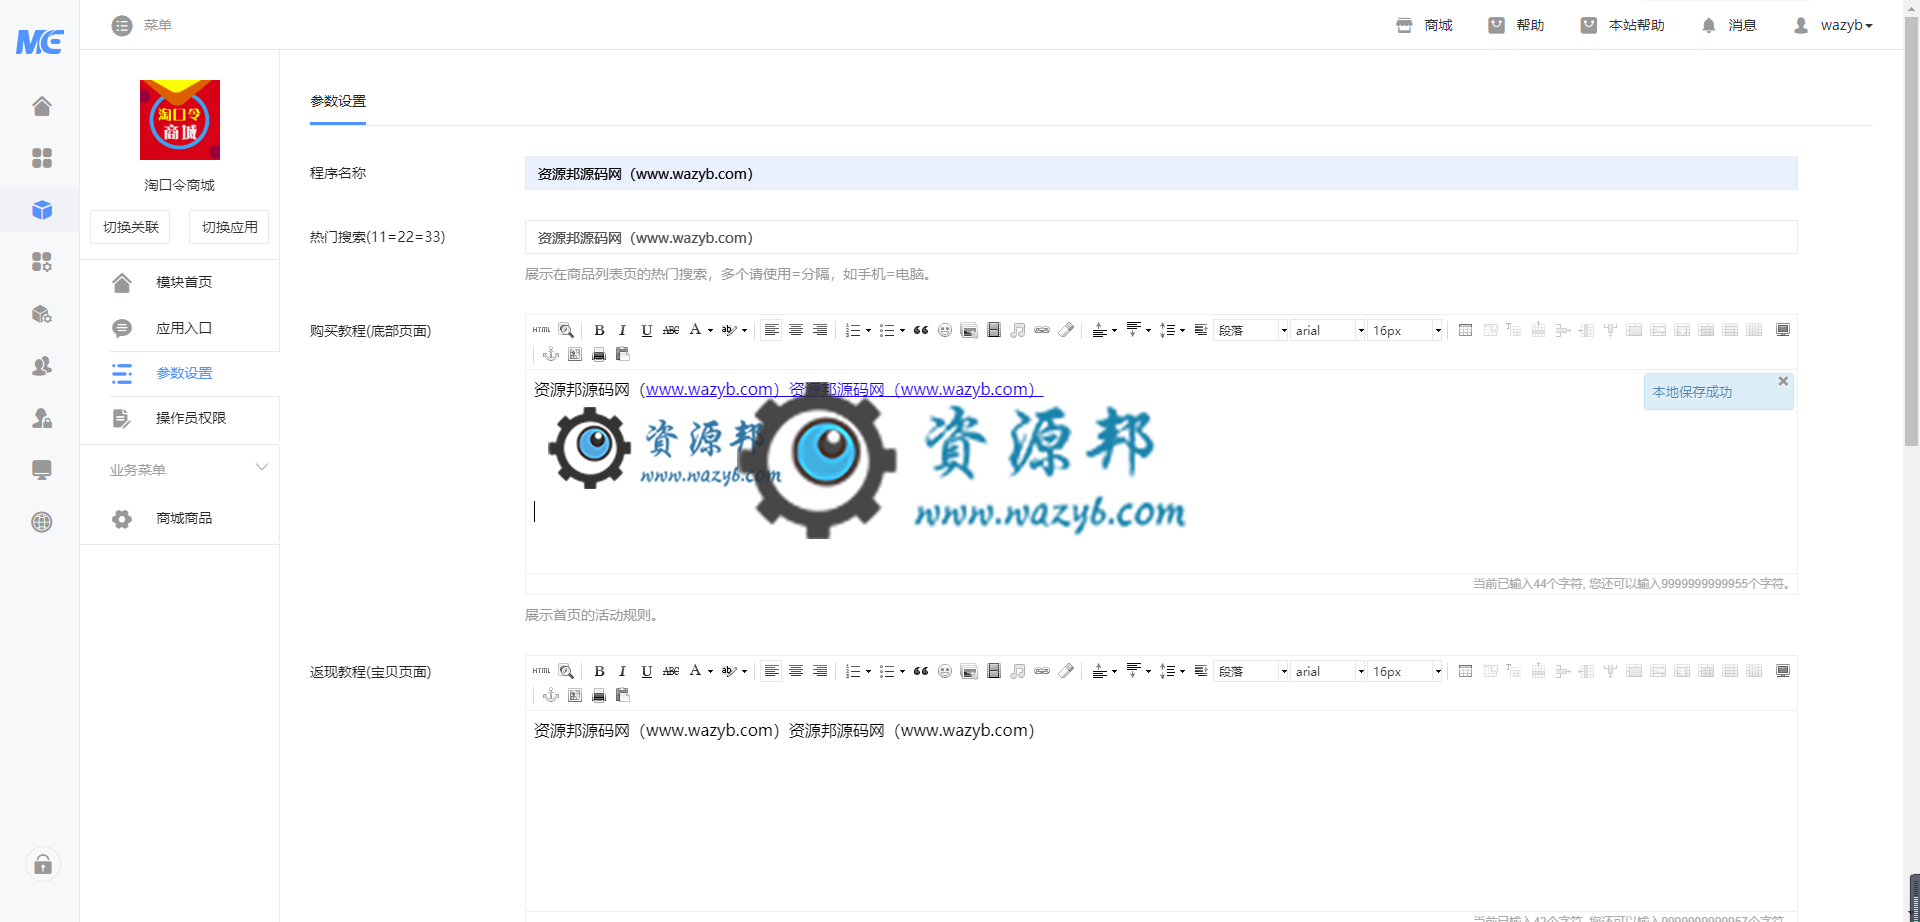 【公众号应用】淘口令商城V1.0.0原版模块打包 公众号应用 第2张